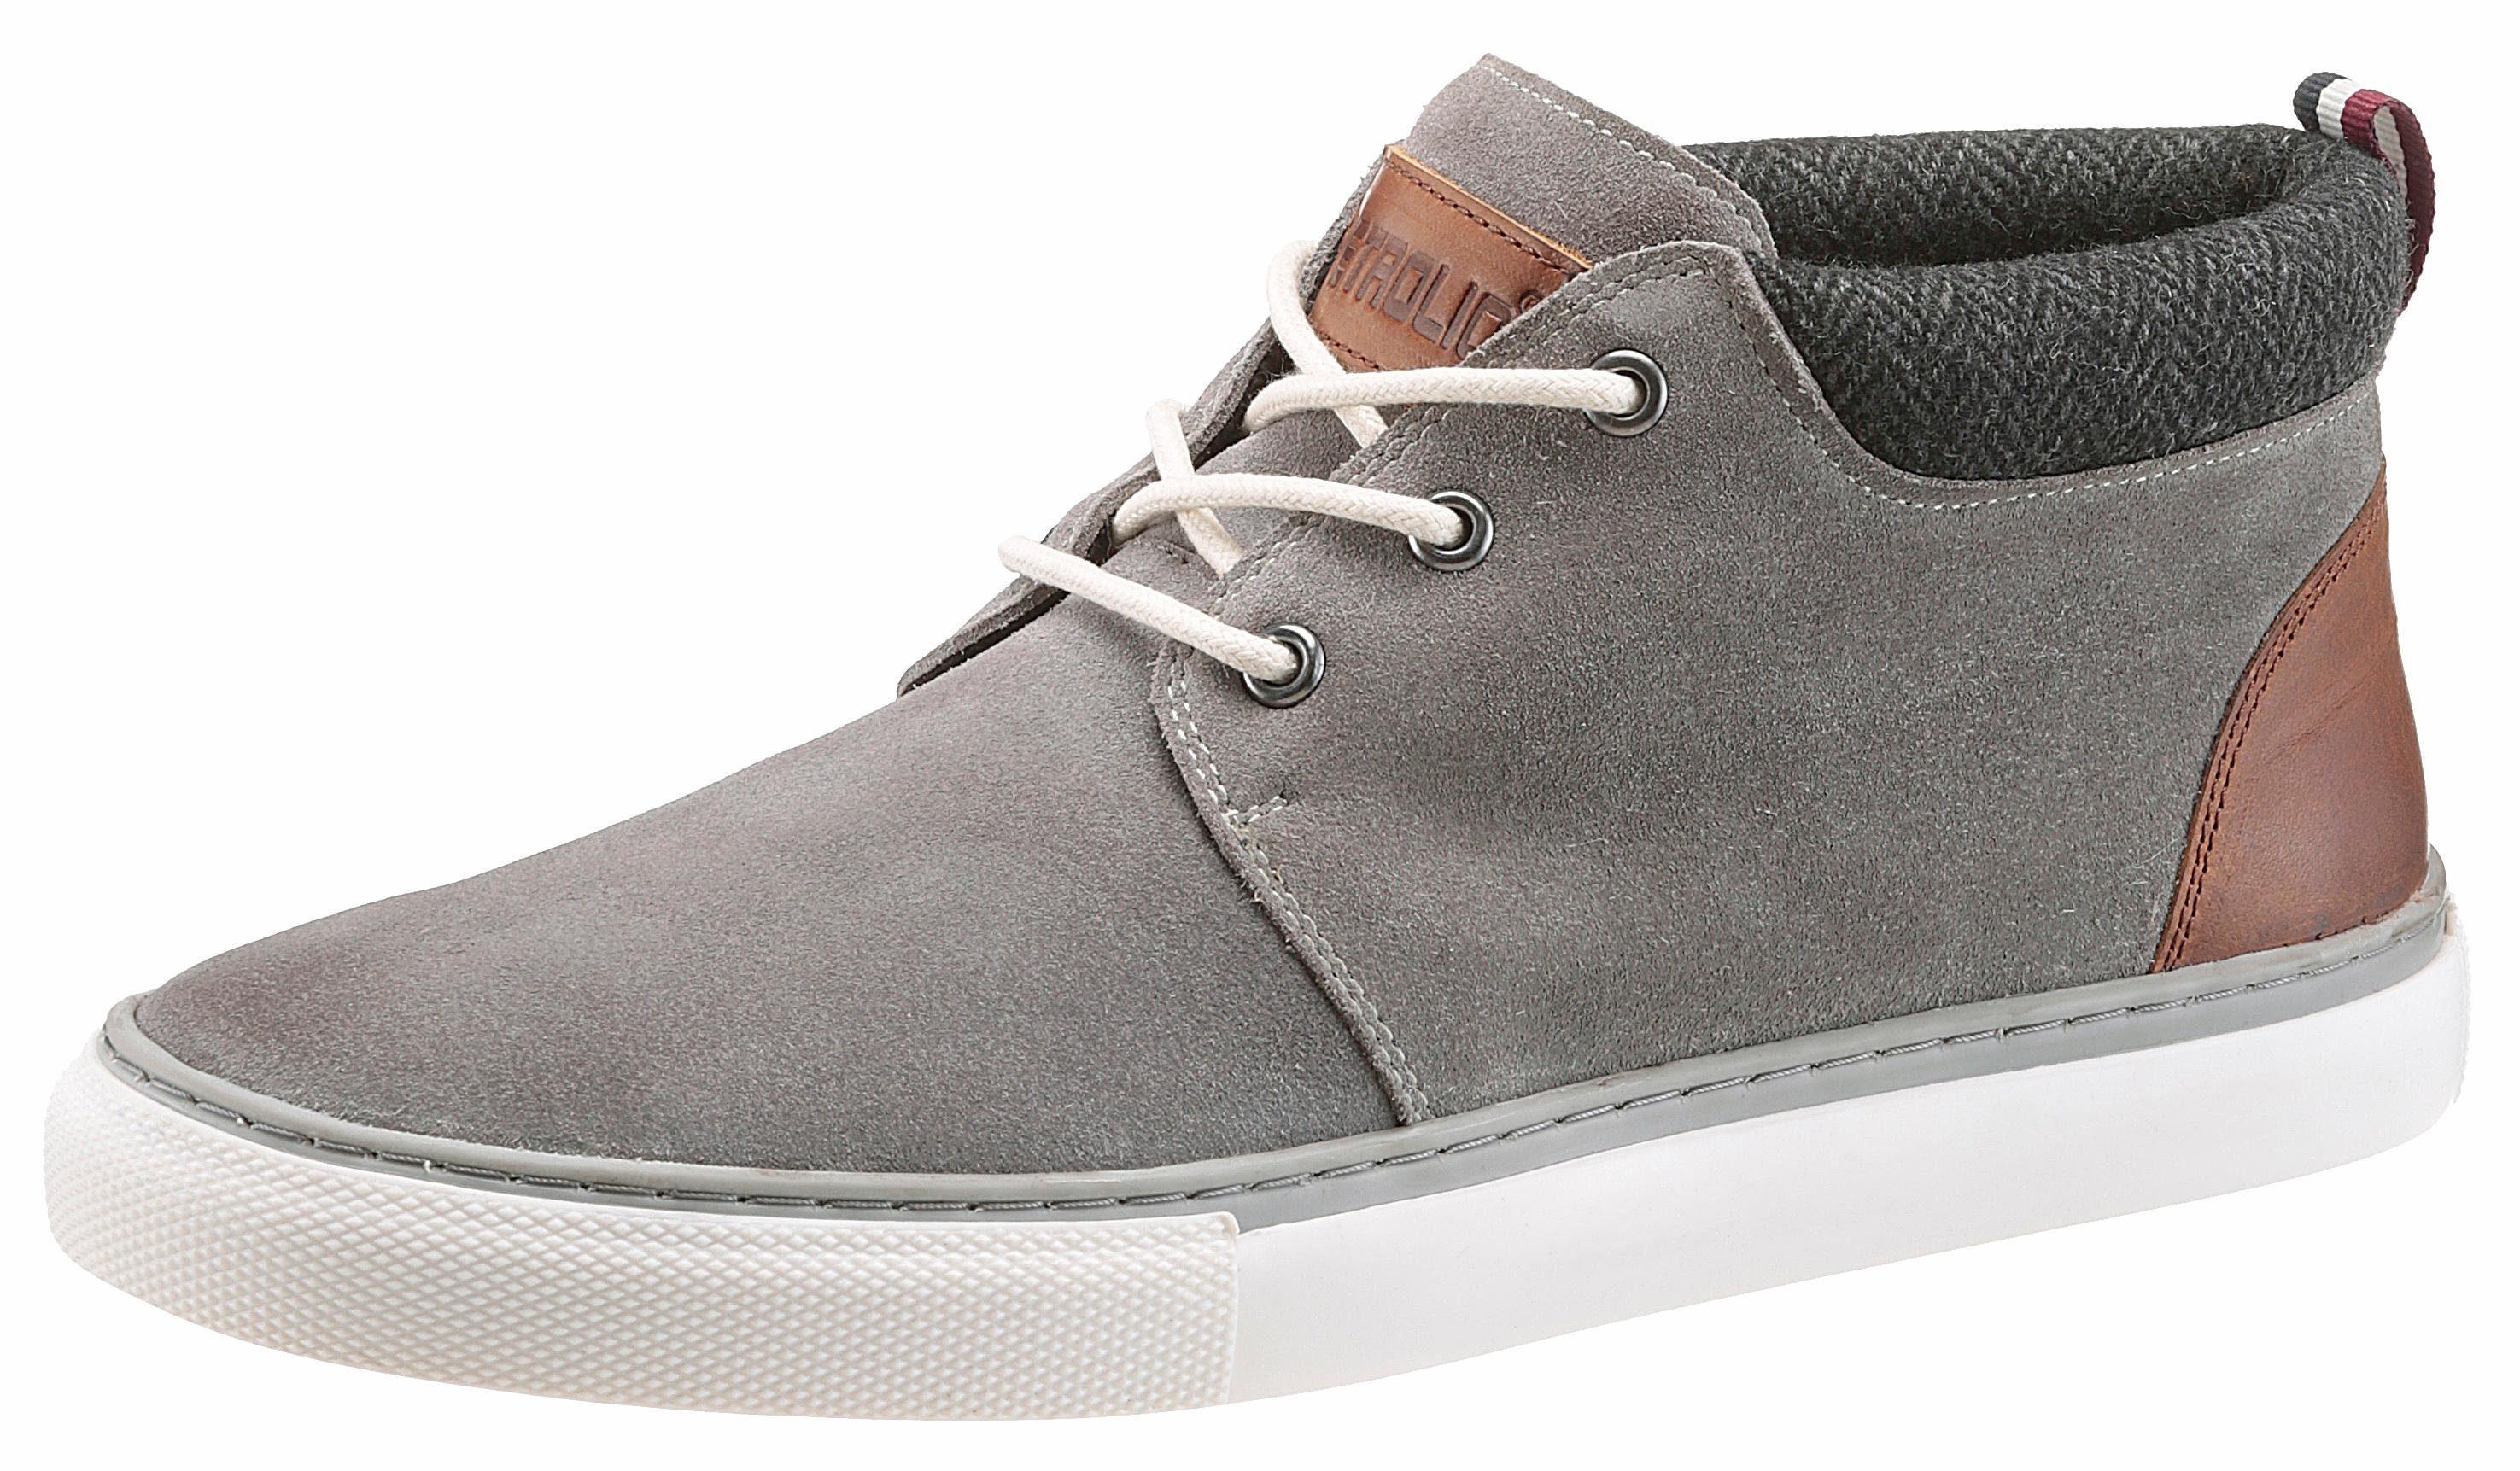 PETROLIO Sneaker, mit stylischer Verzierung am Schaft online kaufen  grau